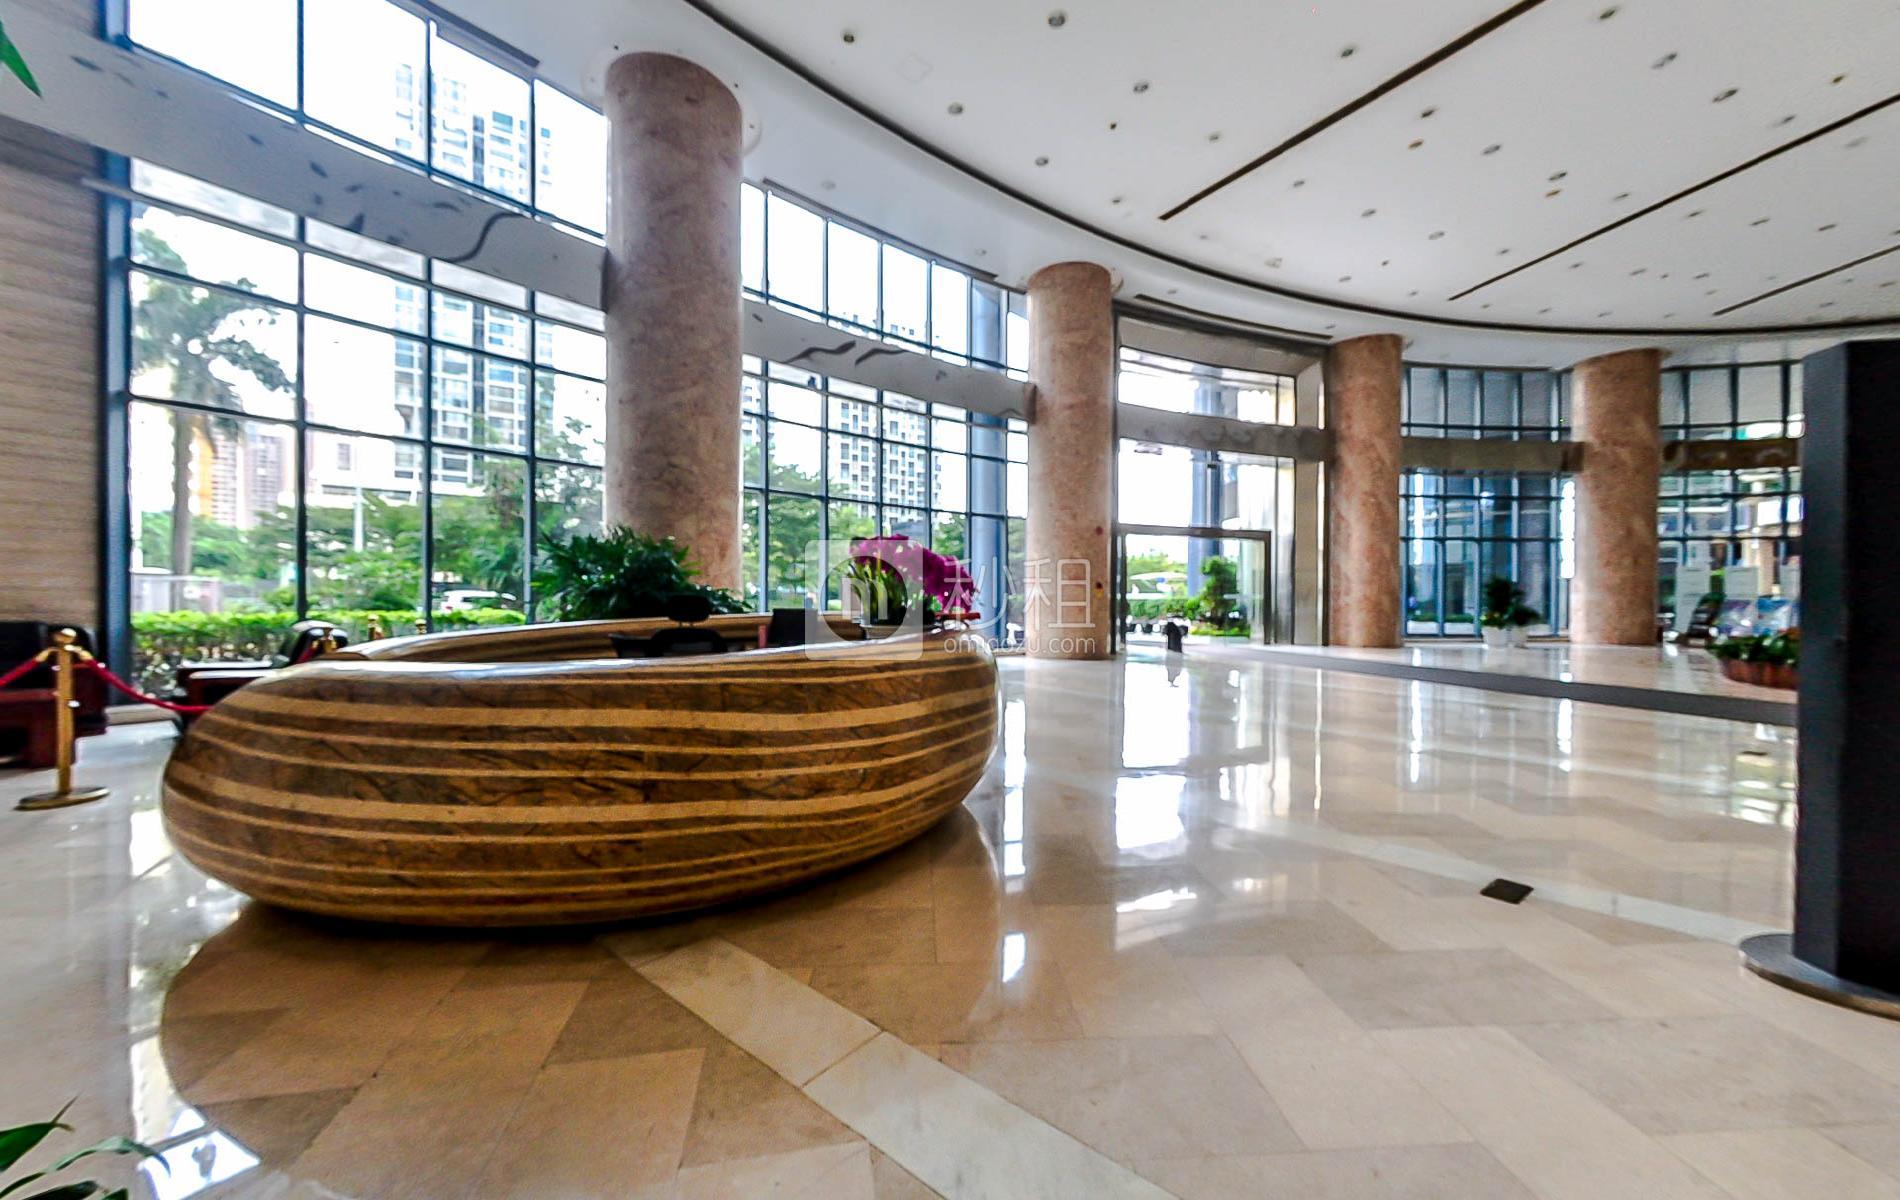 国际西岸商务大厦写字楼出租/招租/租赁,国际西岸商务大厦办公室出租/招租/租赁